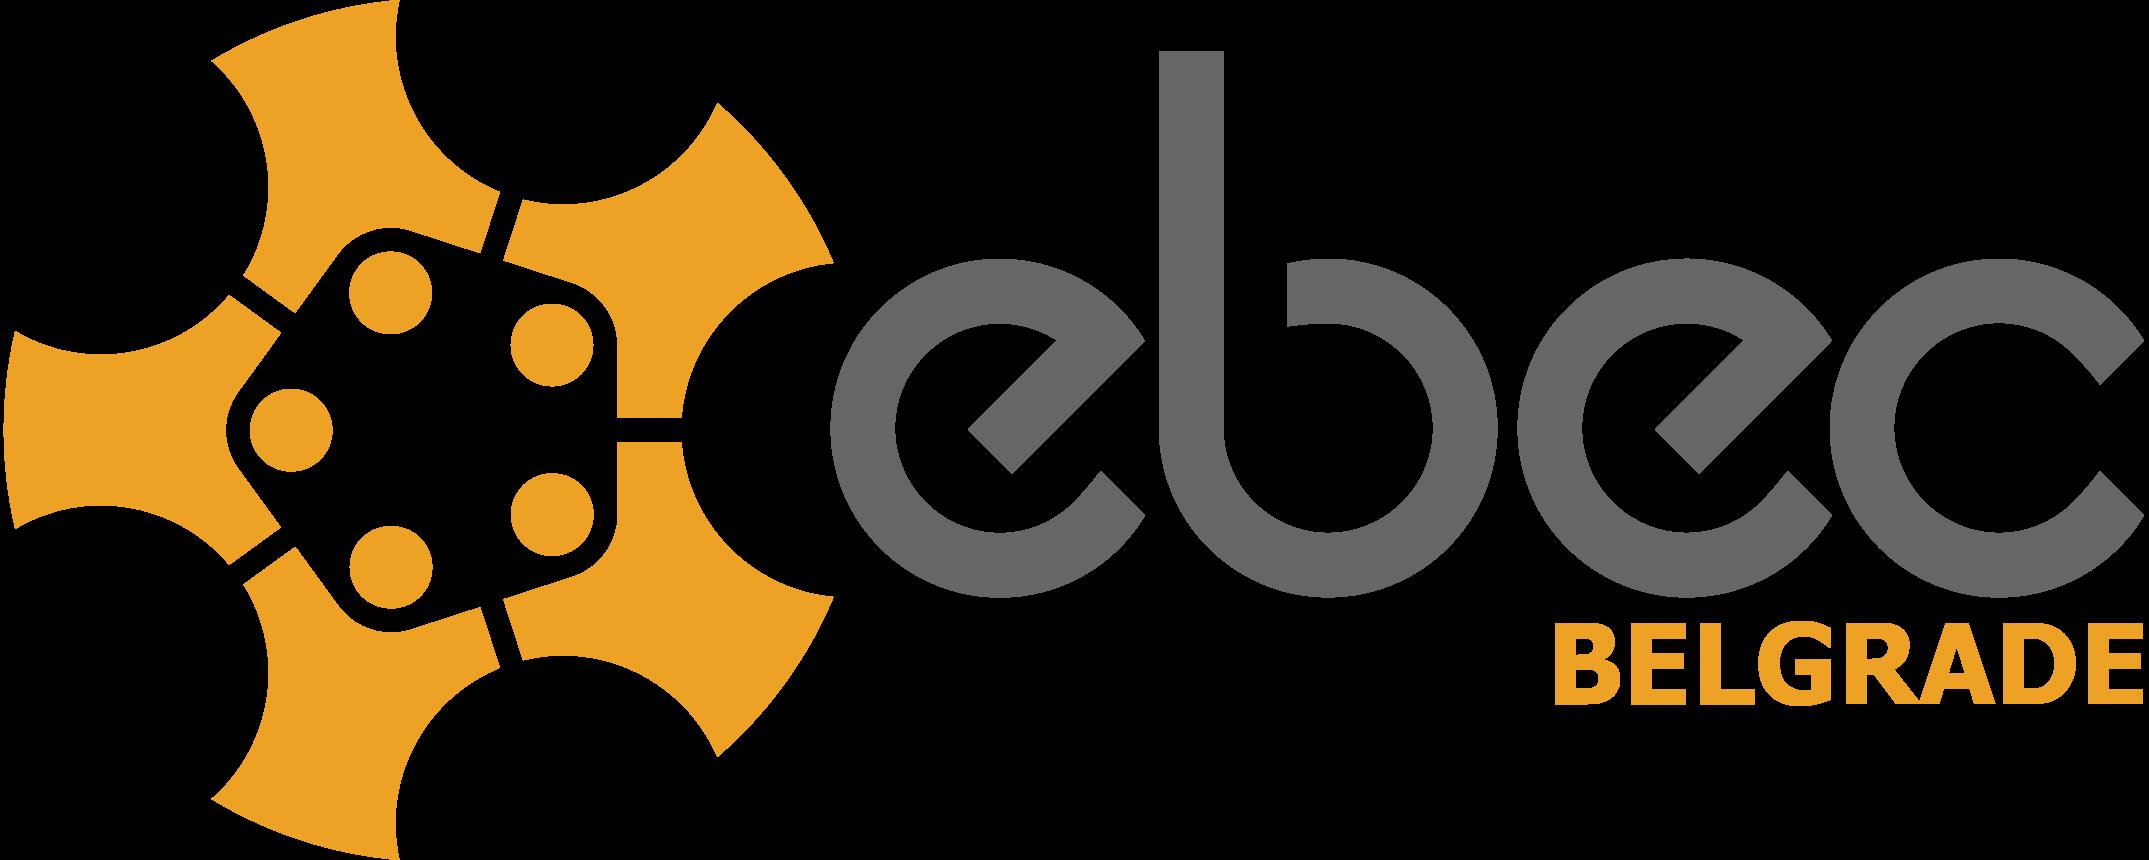 EBEC Belgrade